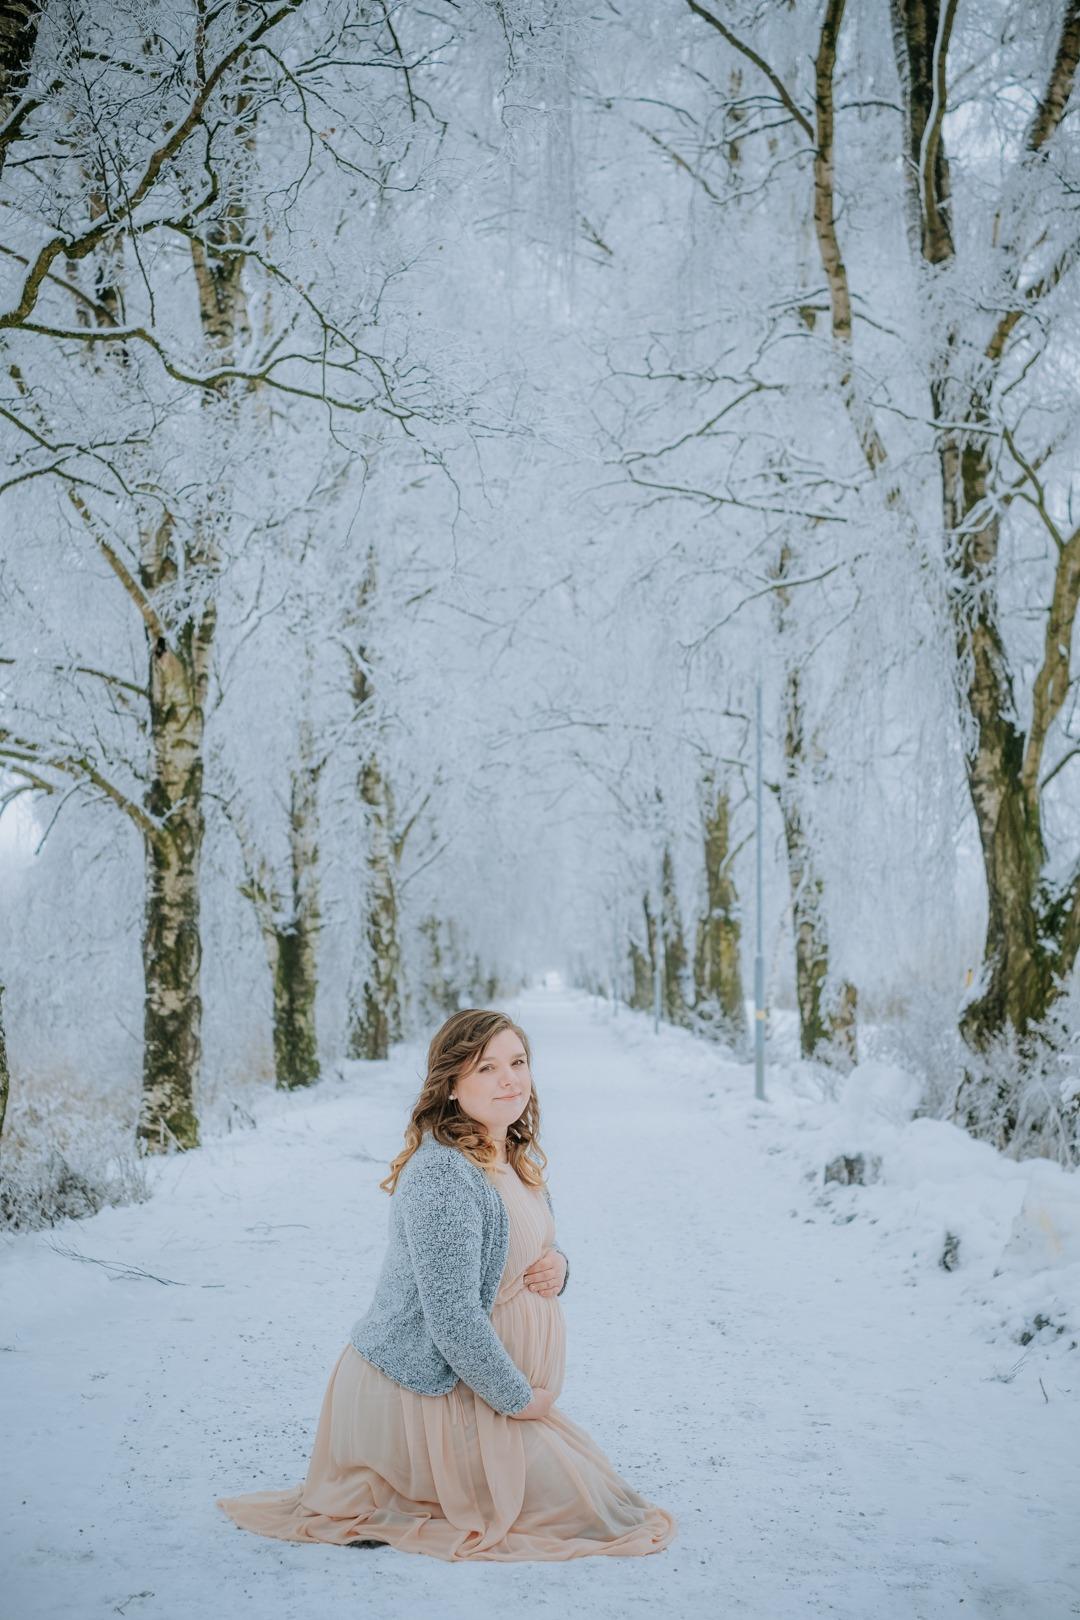 gravidfotografering enköping : fotograf enköping : gravidfoto enköping västerås sala uppsala